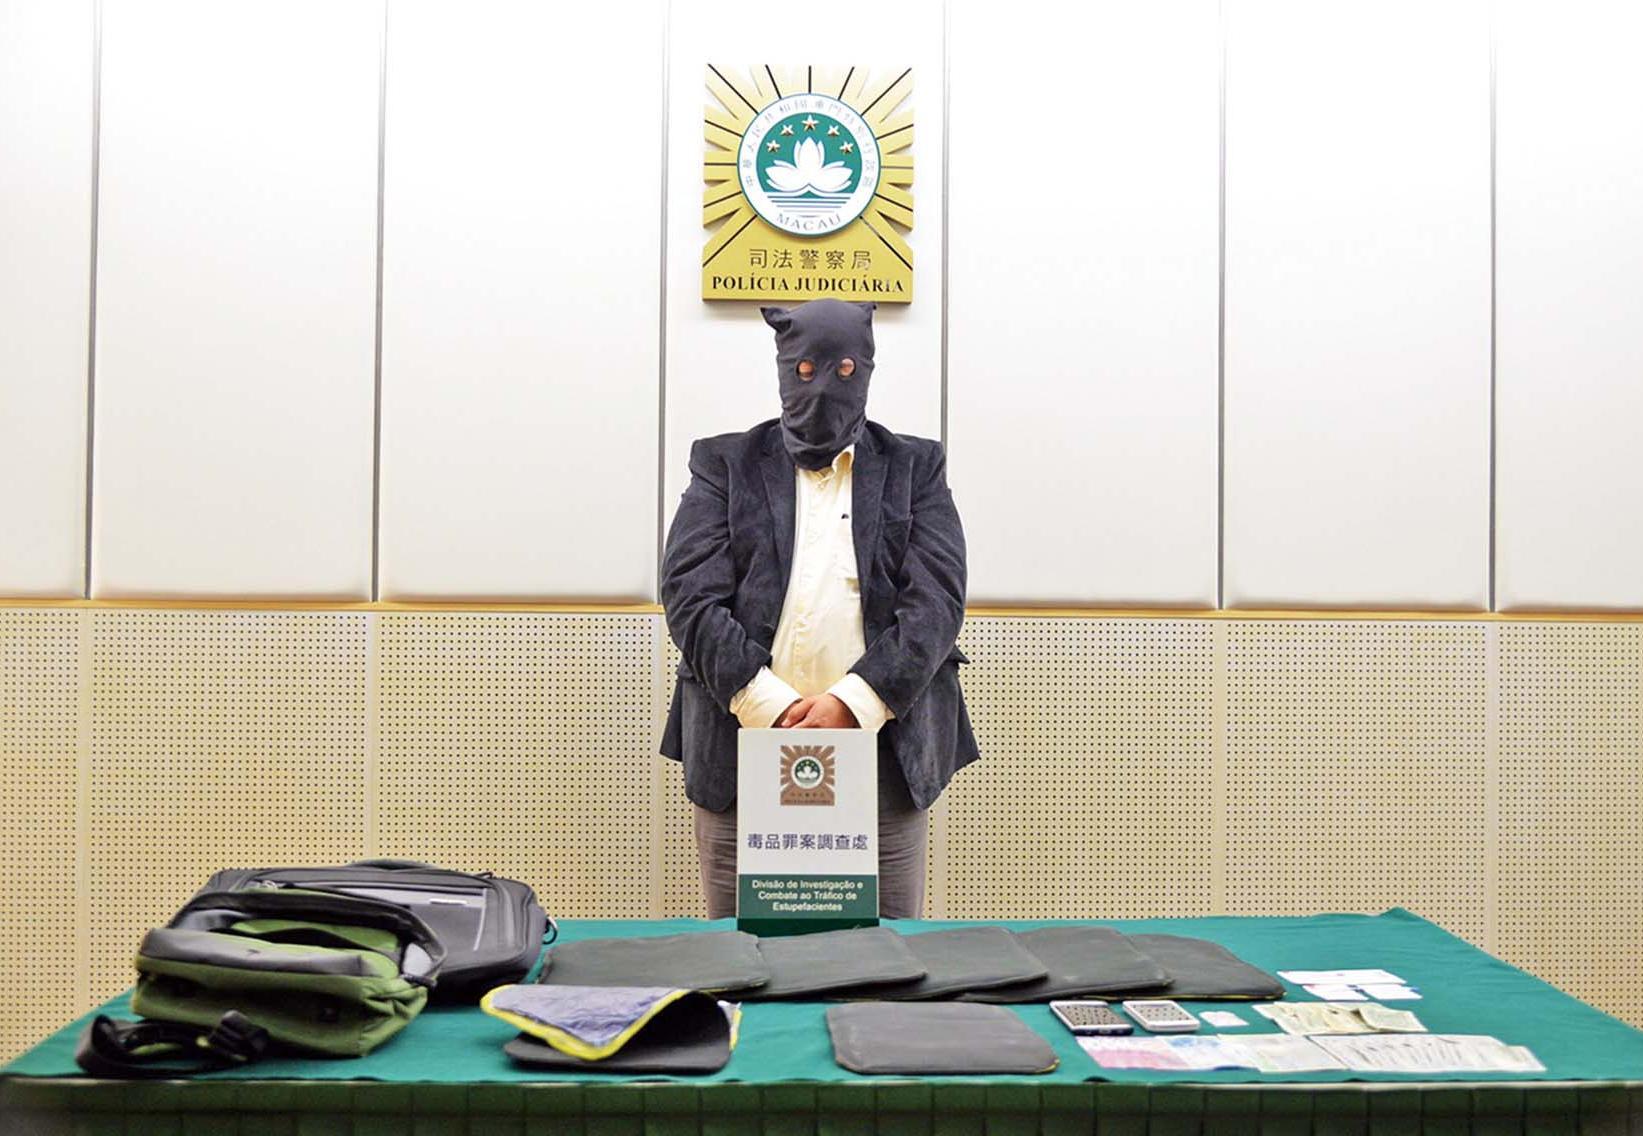 機場截獲1,300萬元毒品